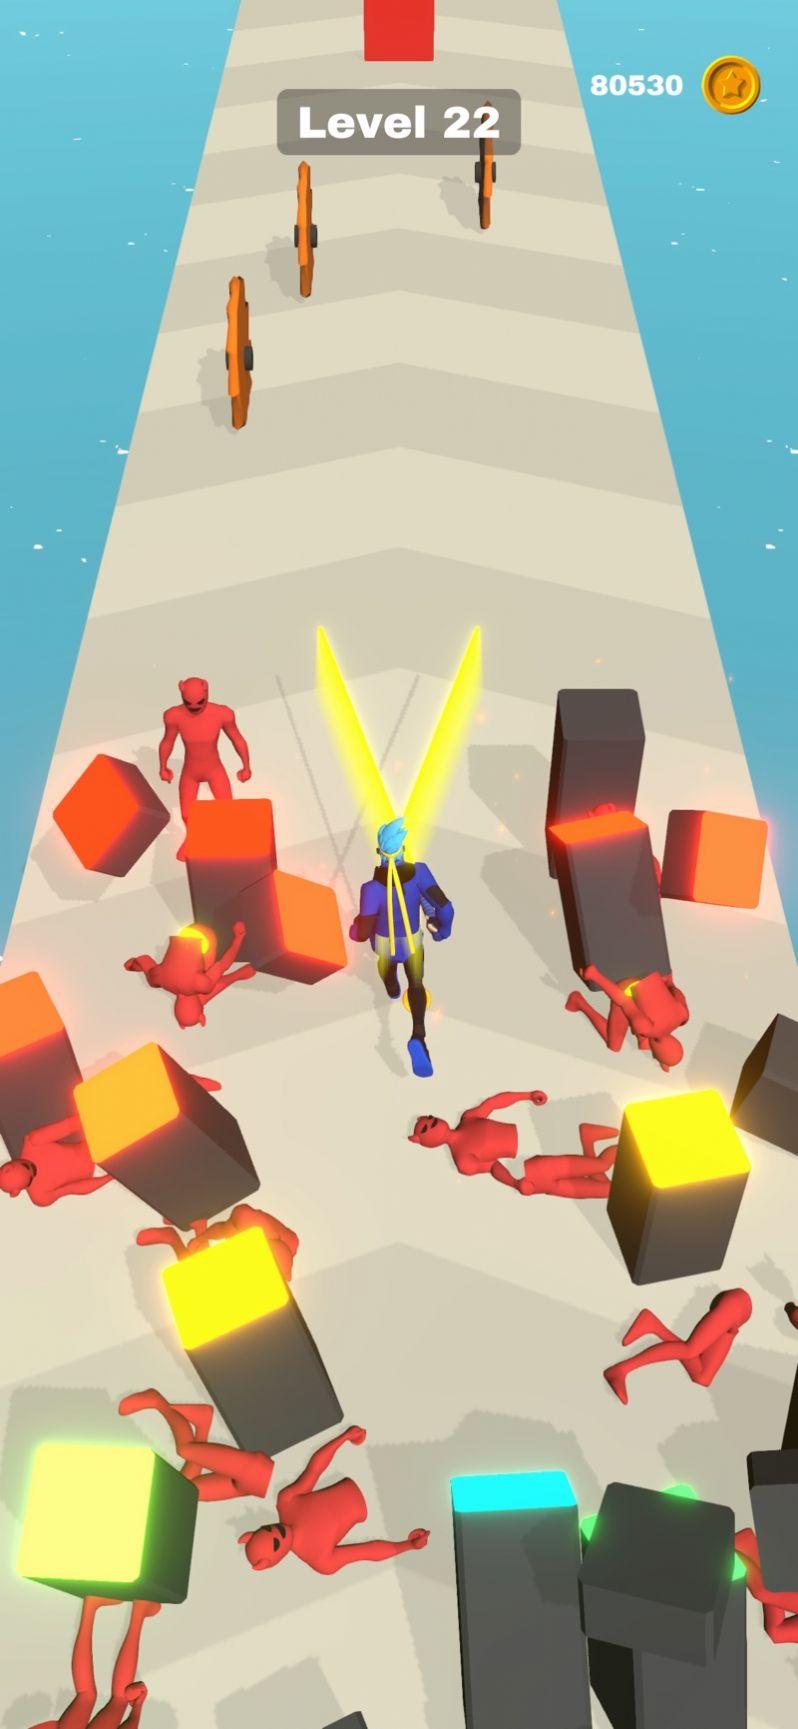 万物皆斩游戏IOS最新版图片3